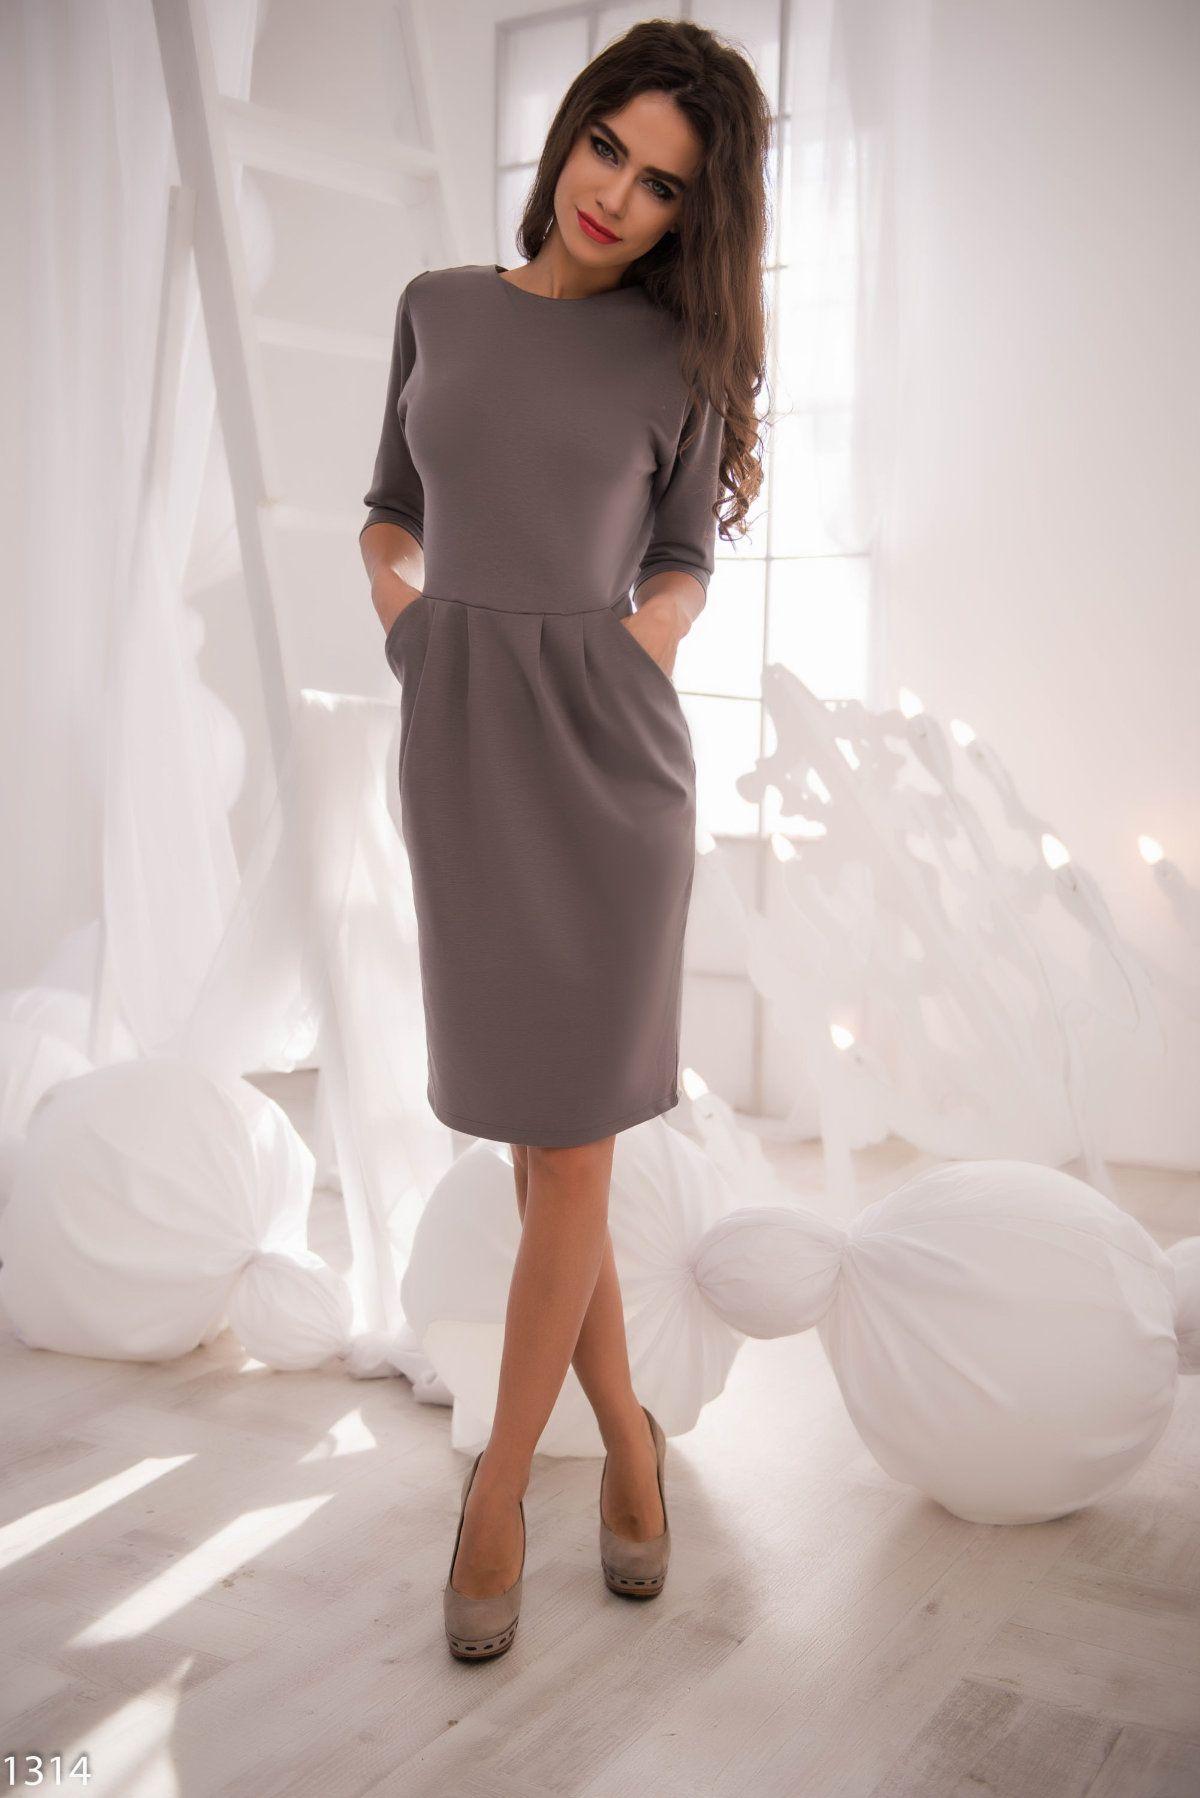 479516a5e00dfd7 Серое платье-футляр с вырезом на спине-2674: 760 руб в Москве на issaplus.ru